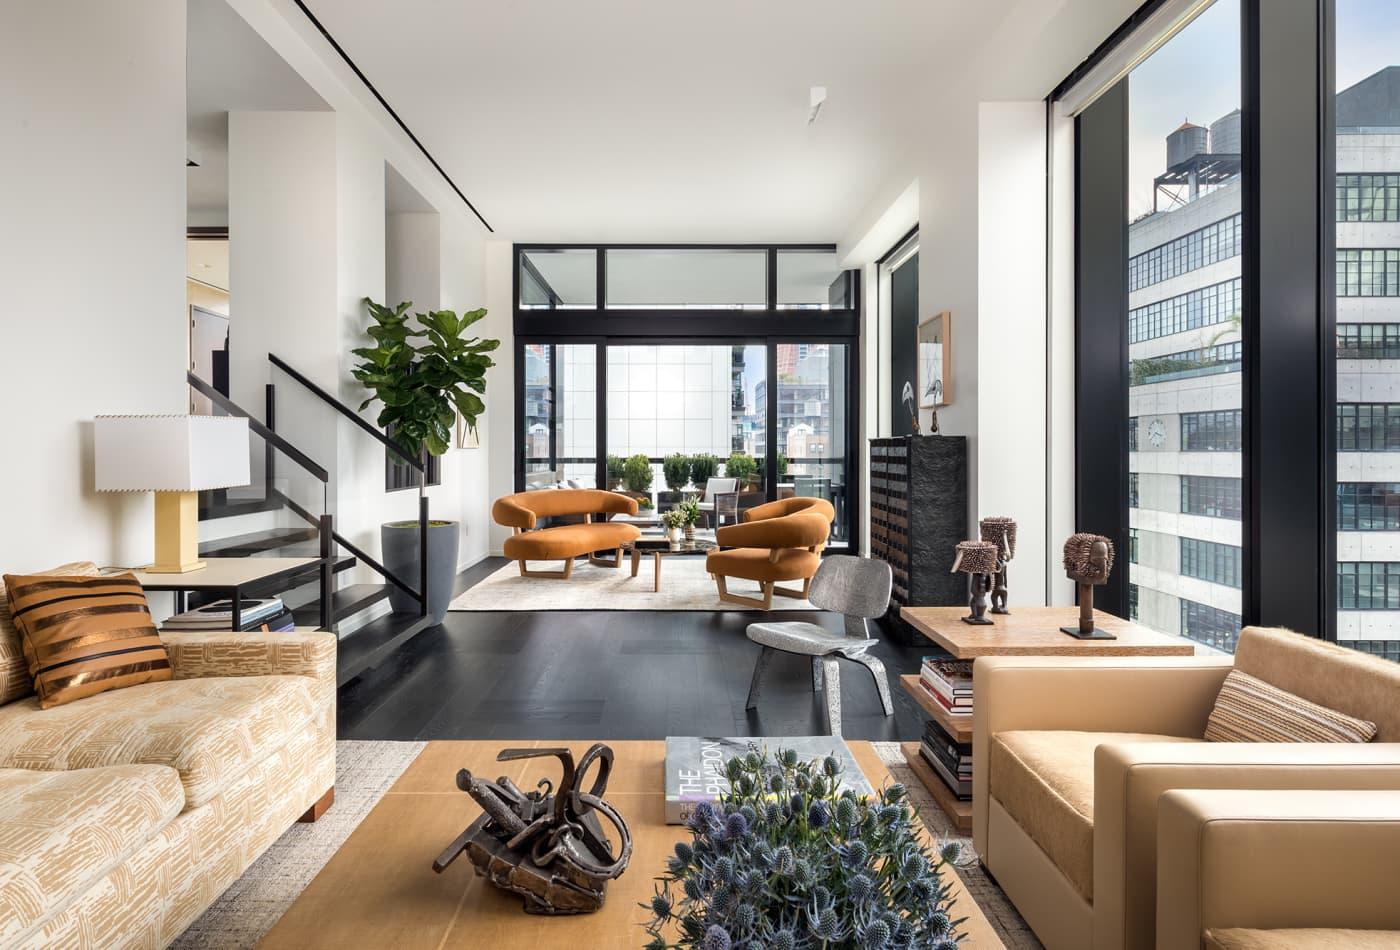 Manhattan apartment deals plunge 57%, suburban real estate surges